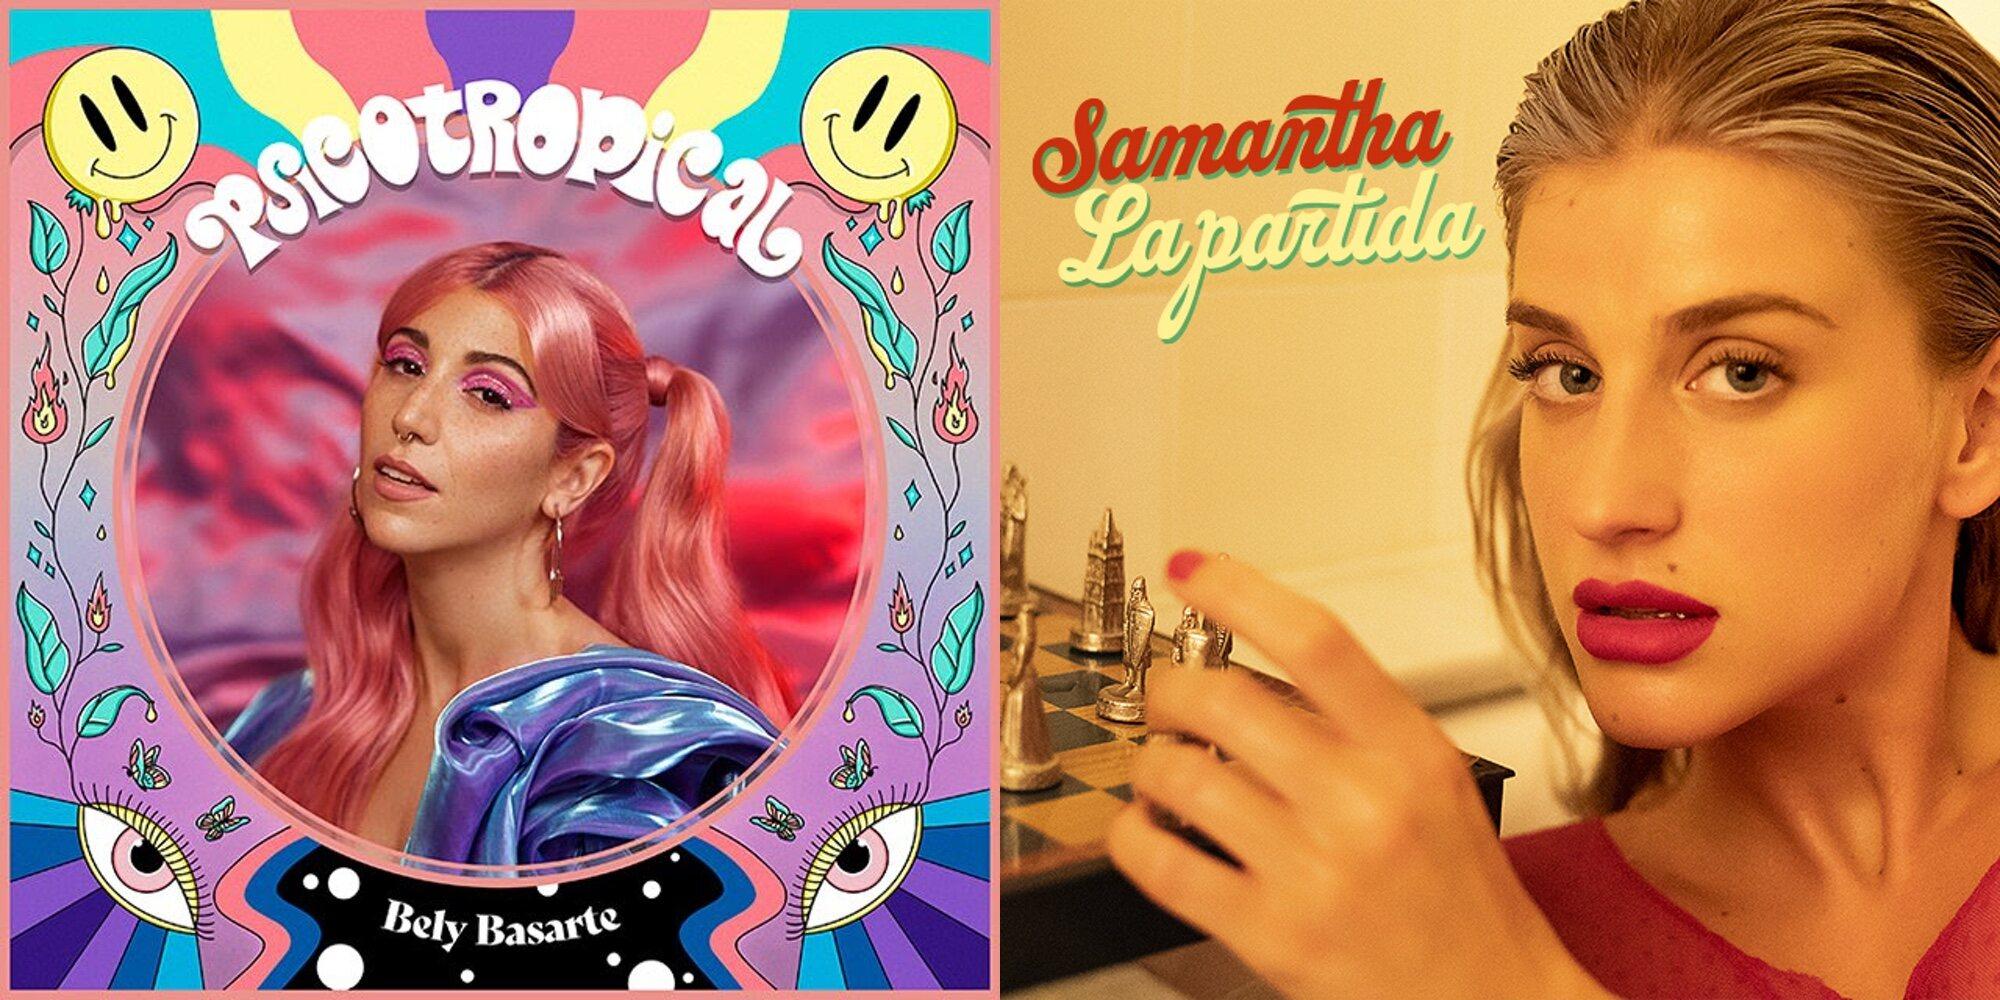 Samantha, Bely Basarte, Beatriz Luengo... Los lanzamientos musicales de la semana